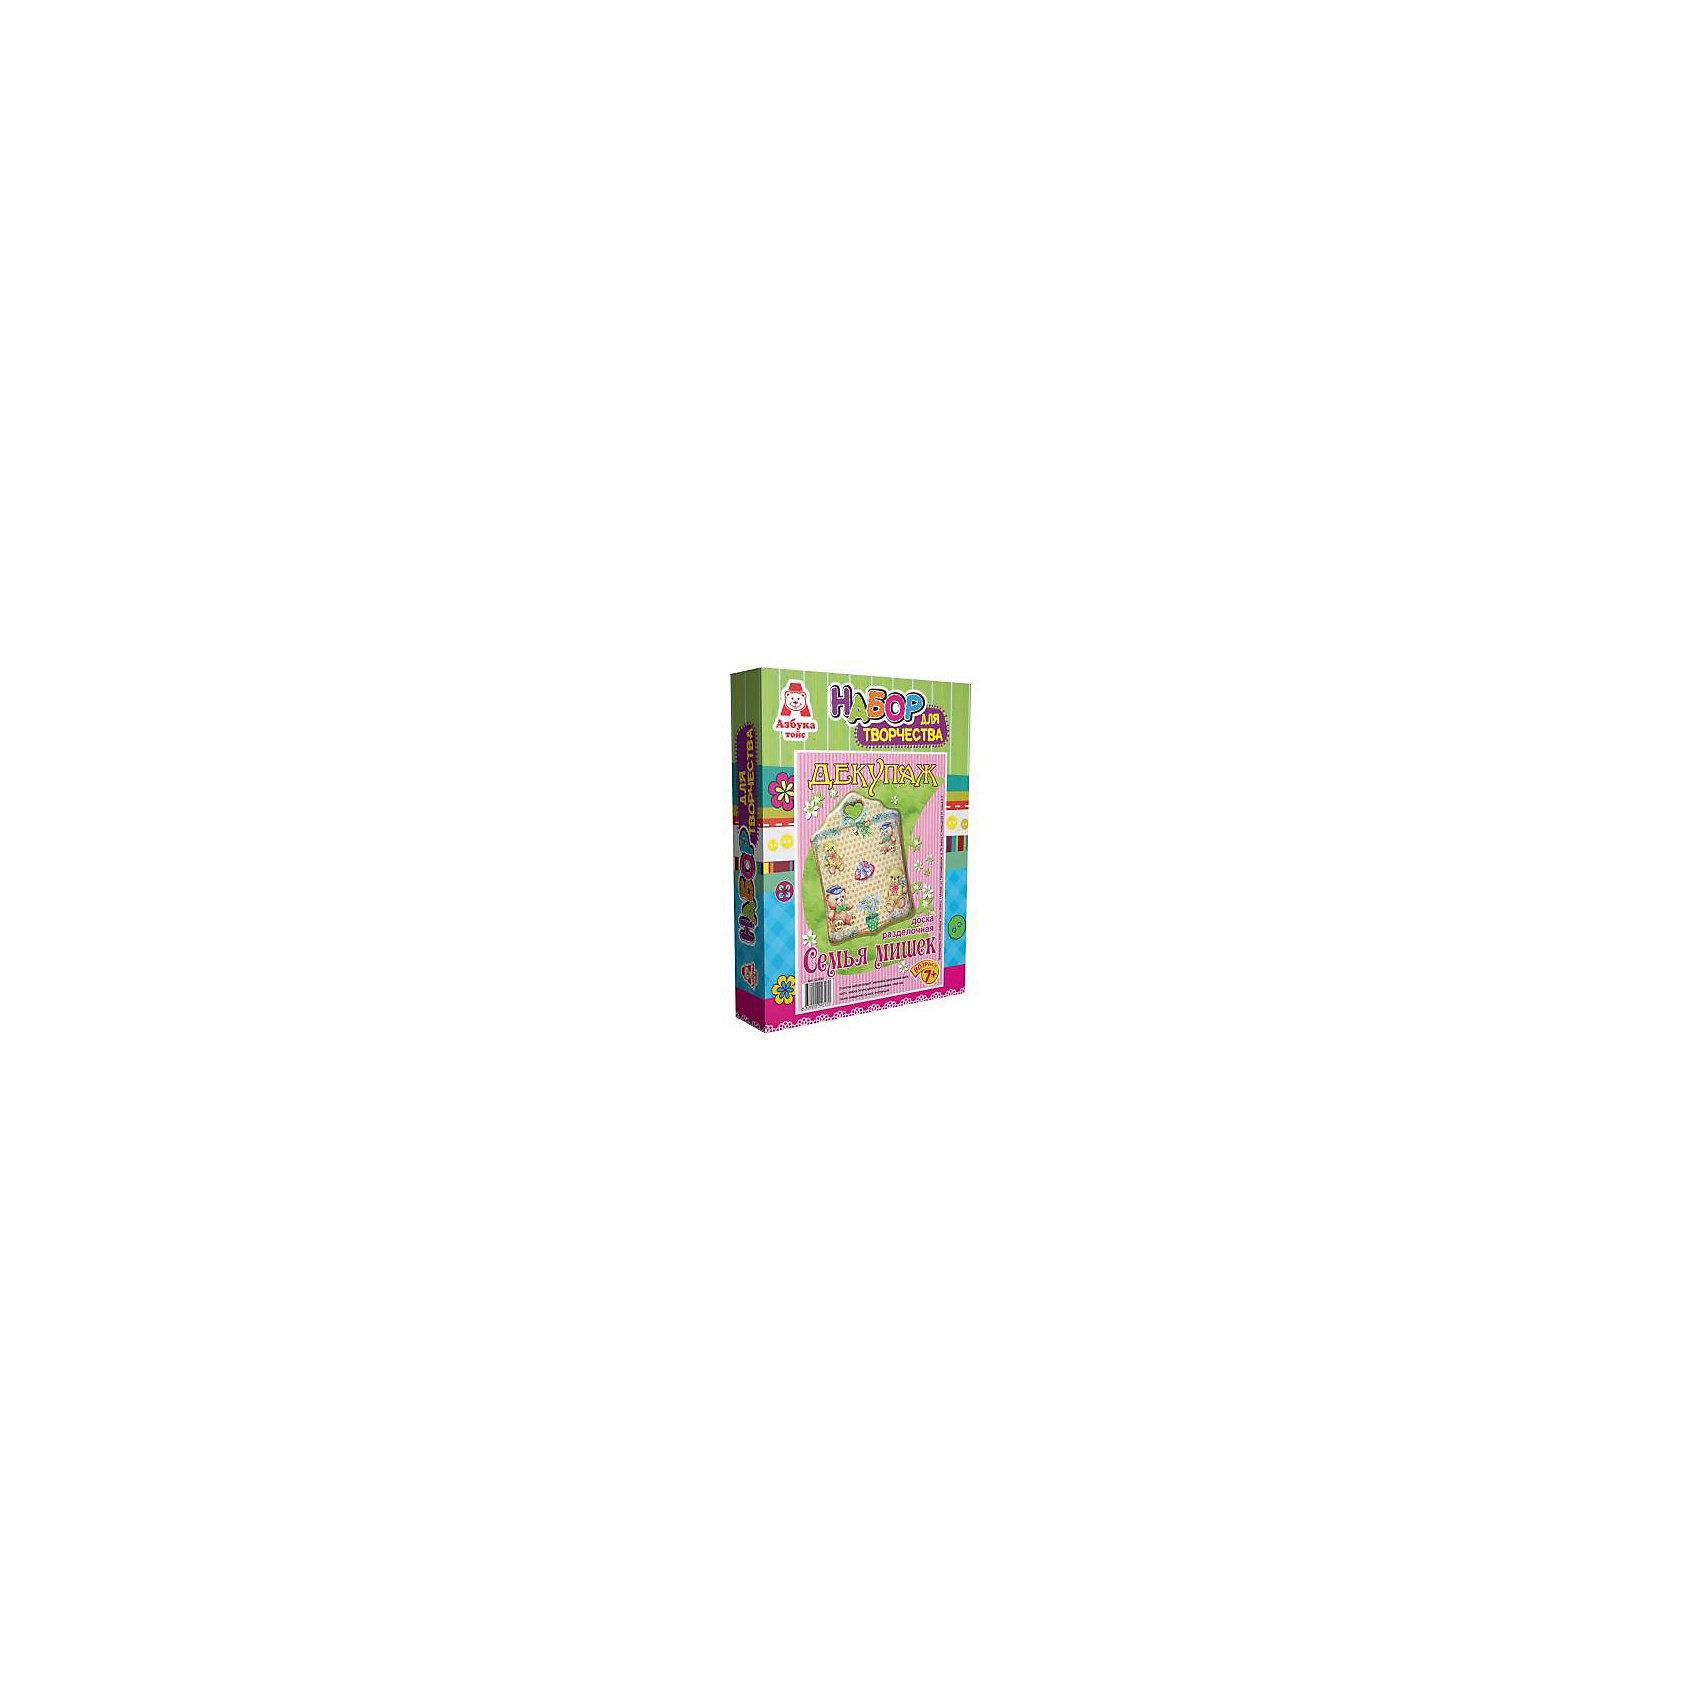 Декупаж. Доска разделочная Семья мишекНаборы для раскрашивания<br>Декупаж. Доска разделочная Семья мишек<br><br>Характеристики:<br><br>- в набор входит: разделочная доска, кисть, декупажный рисунок, краски, лак, наждачная бумага, спонж<br>- состав: дерево, бумага, пластик <br>- формат: 28 * 5 * 21 см.<br>- вес: 336 гр.<br>- для детей в возрасте: от 7 до 12 лет<br>- Страна производитель: Российская Федерация<br><br>Набор для творчества декупаж от компании Азбука тойс понравится умелым ручкам и они превратят простую деревянную доску в настоящее произведение искусства. Пошаговая инструкция подробно описывает процесс выполнения поделки и даже новички отлично справятся с декупажом. Все необходимые материалы уже входят в комплект, нужно всего лишь открыть красивую коробочку и уже можно приниматься за дело. Работа с таким набором развивает моторику рук, воображение, усидчивость, аккуратность и внимание. Занятие декупажом привлекает ребенка к усидчивой, неспешной работе, которая в итоге будет вознаграждена чудесной поделкой, небольшим шедевром, который можно подарить маме, бабушке, сестре или подруге.<br><br>Набор для творчества Декупаж. Доска разделочная Семья мишек можно купить в нашем интернет-магазине.<br><br>Ширина мм: 210<br>Глубина мм: 50<br>Высота мм: 280<br>Вес г: 336<br>Возраст от месяцев: 84<br>Возраст до месяцев: 144<br>Пол: Женский<br>Возраст: Детский<br>SKU: 5062946